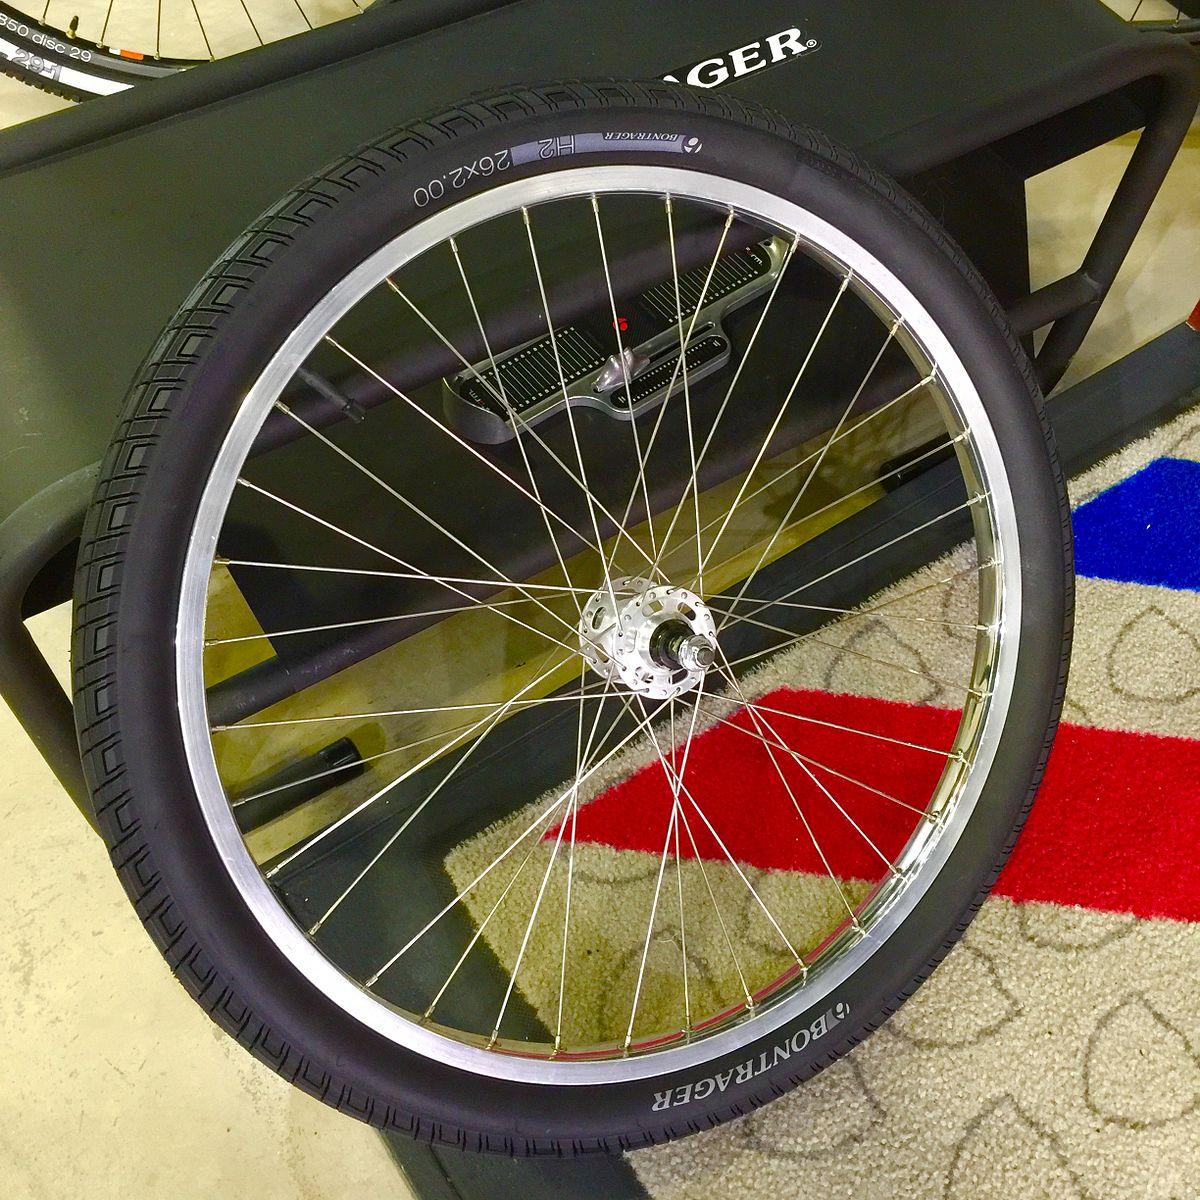 Rueda de bicicleta - Wikipedia, la enciclopedia libre